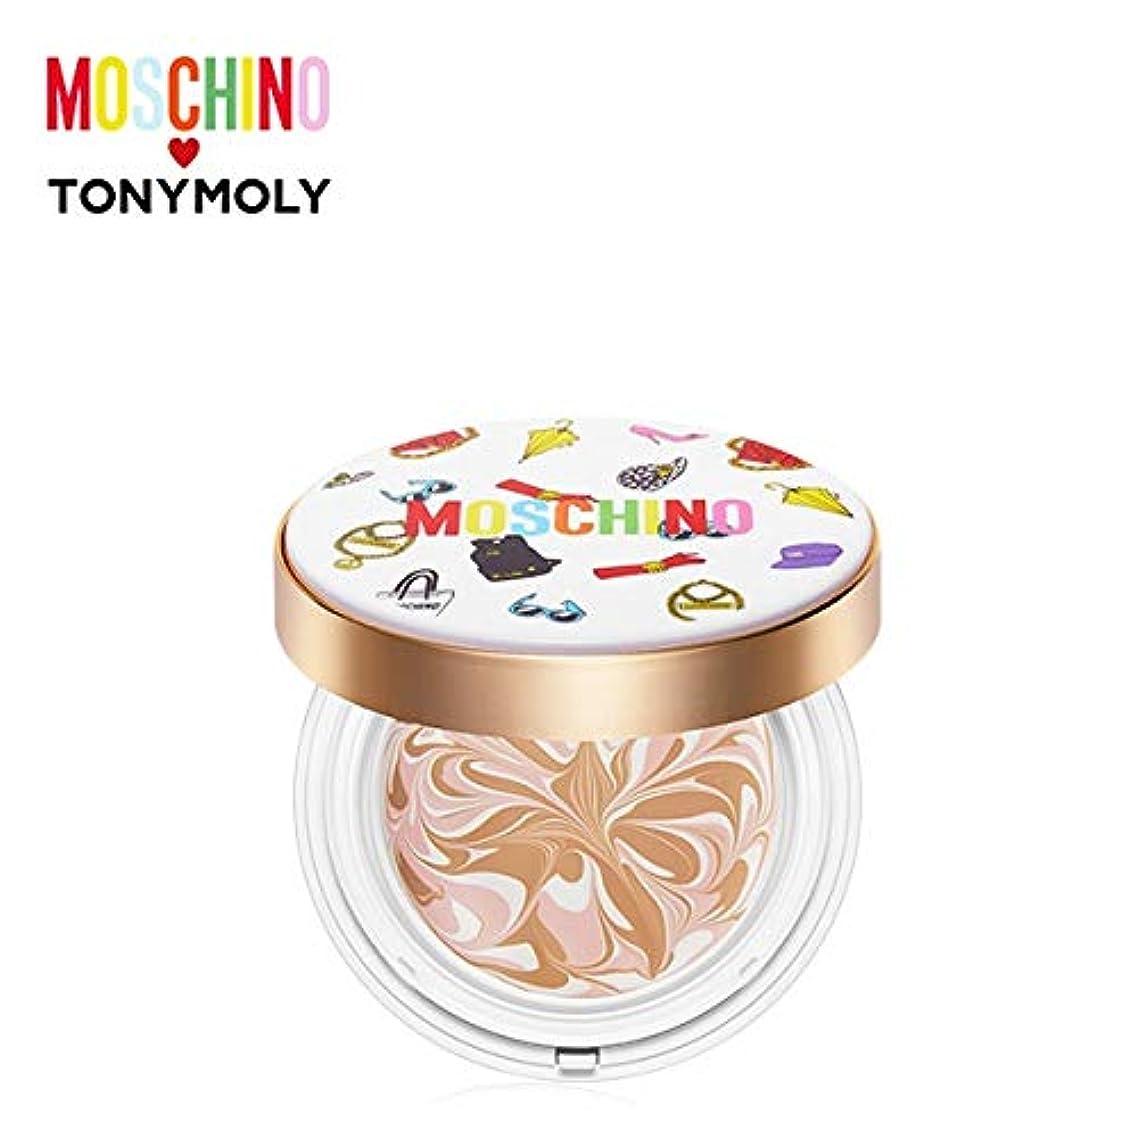 歯科医階段貫通するトニーモリー [モスキーノ] シック スキン エッセンス パクト 18g TONYMOLY [MOSCHINO] Chic Skin Essence Pact #01 CHIC VANILLA [並行輸入品]